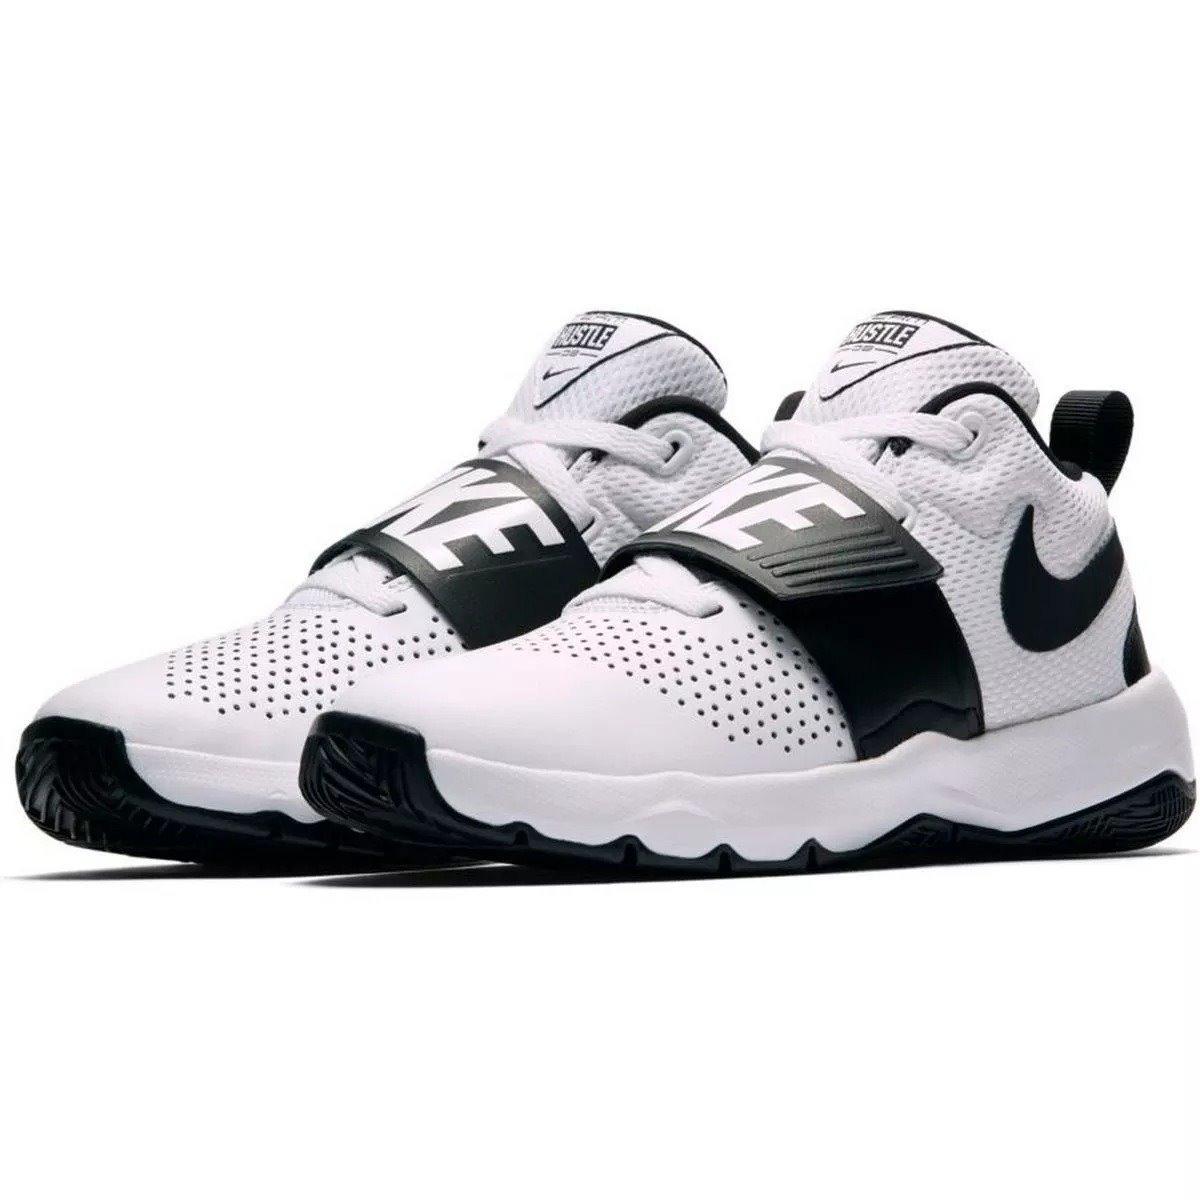 Tenis Nike Team Hustle D8 Infantil Blanco Envío Gratis